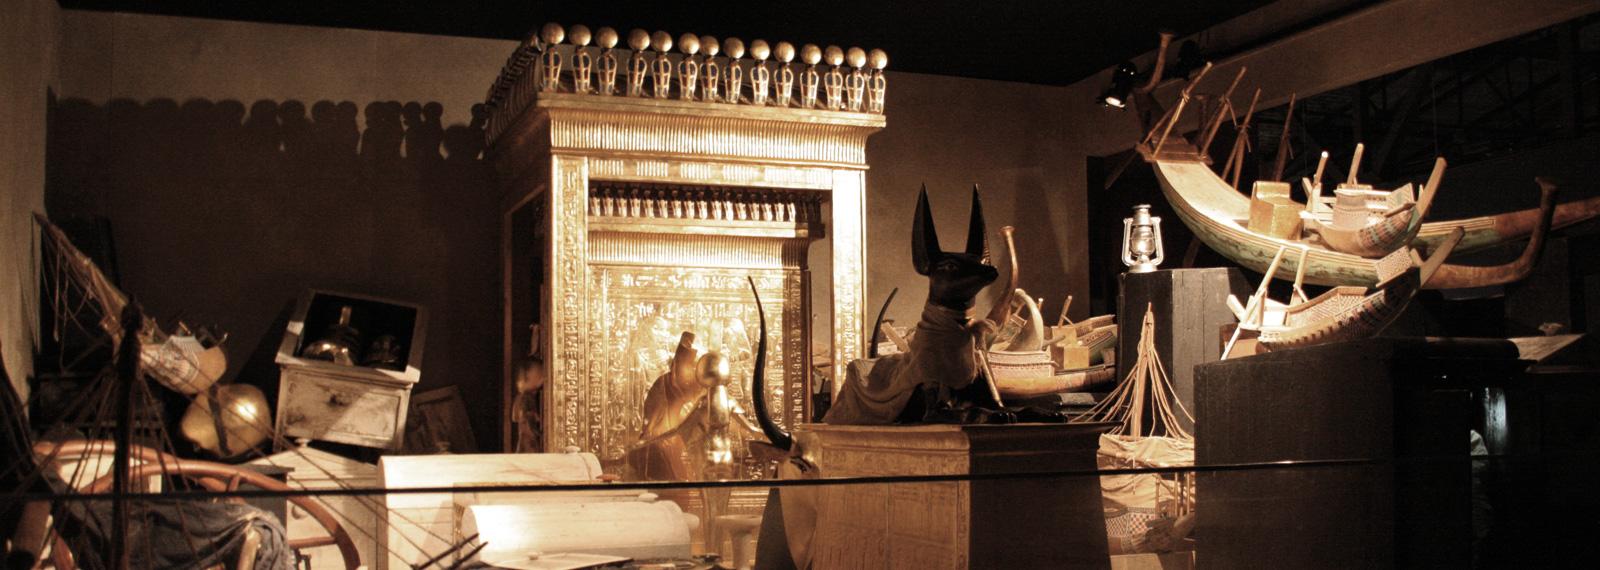 Lange Nacht Der Museen Berlin